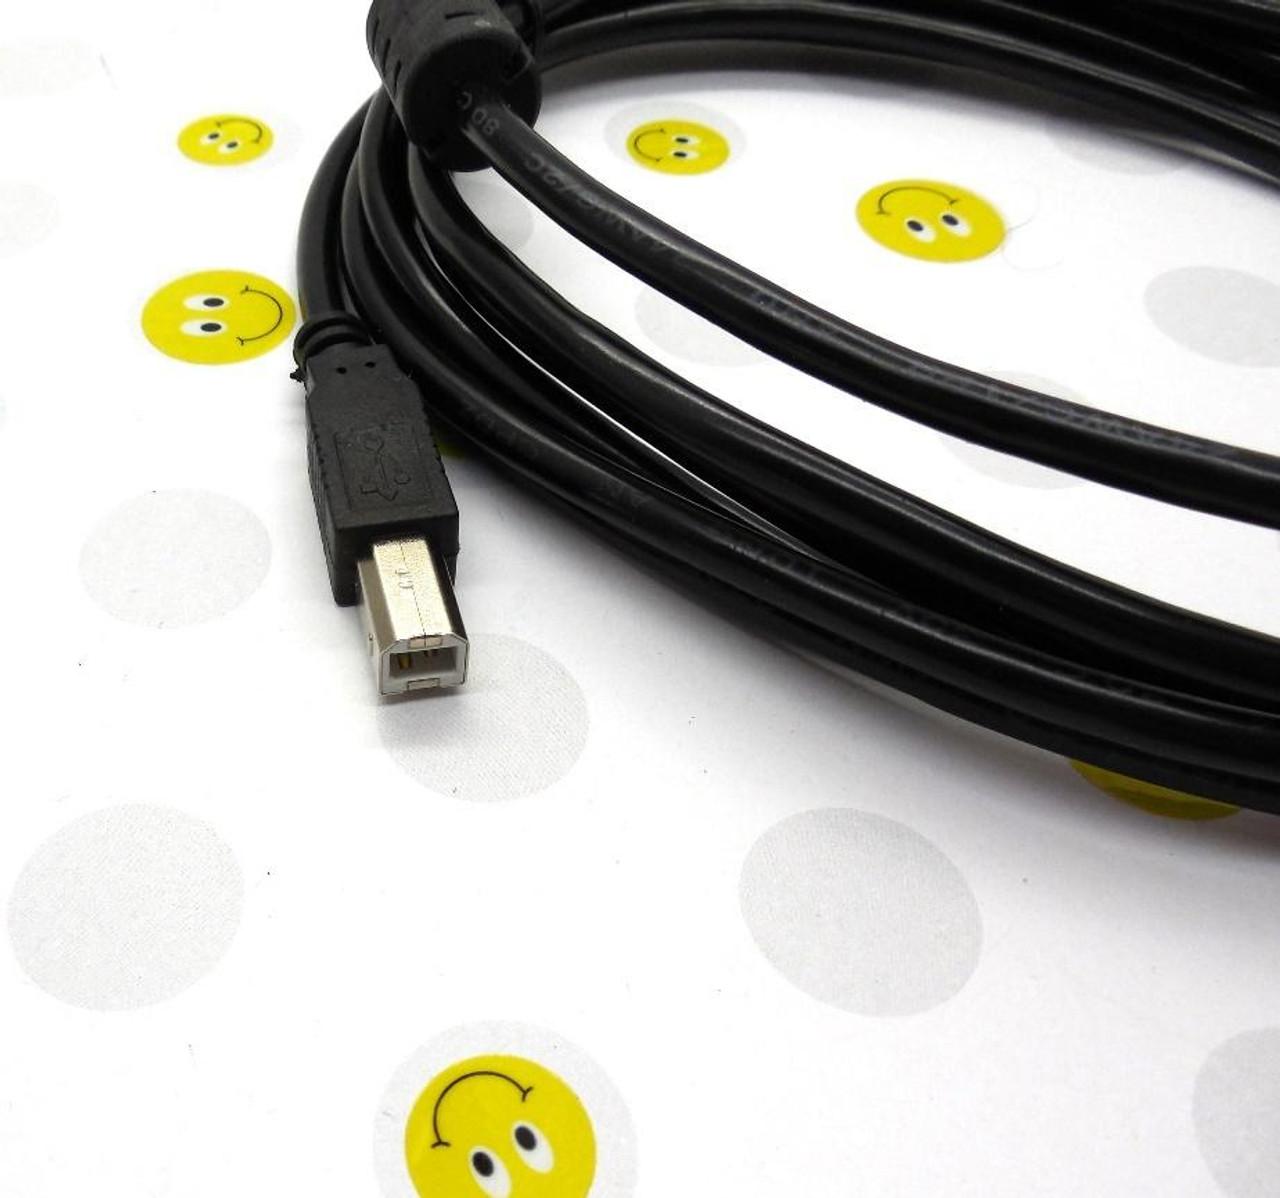 PLC Cables, Inc Allen Bradley ControlLogix CompactLogix USB Cable 1756 1769 9300-USBCBL-ABHR2